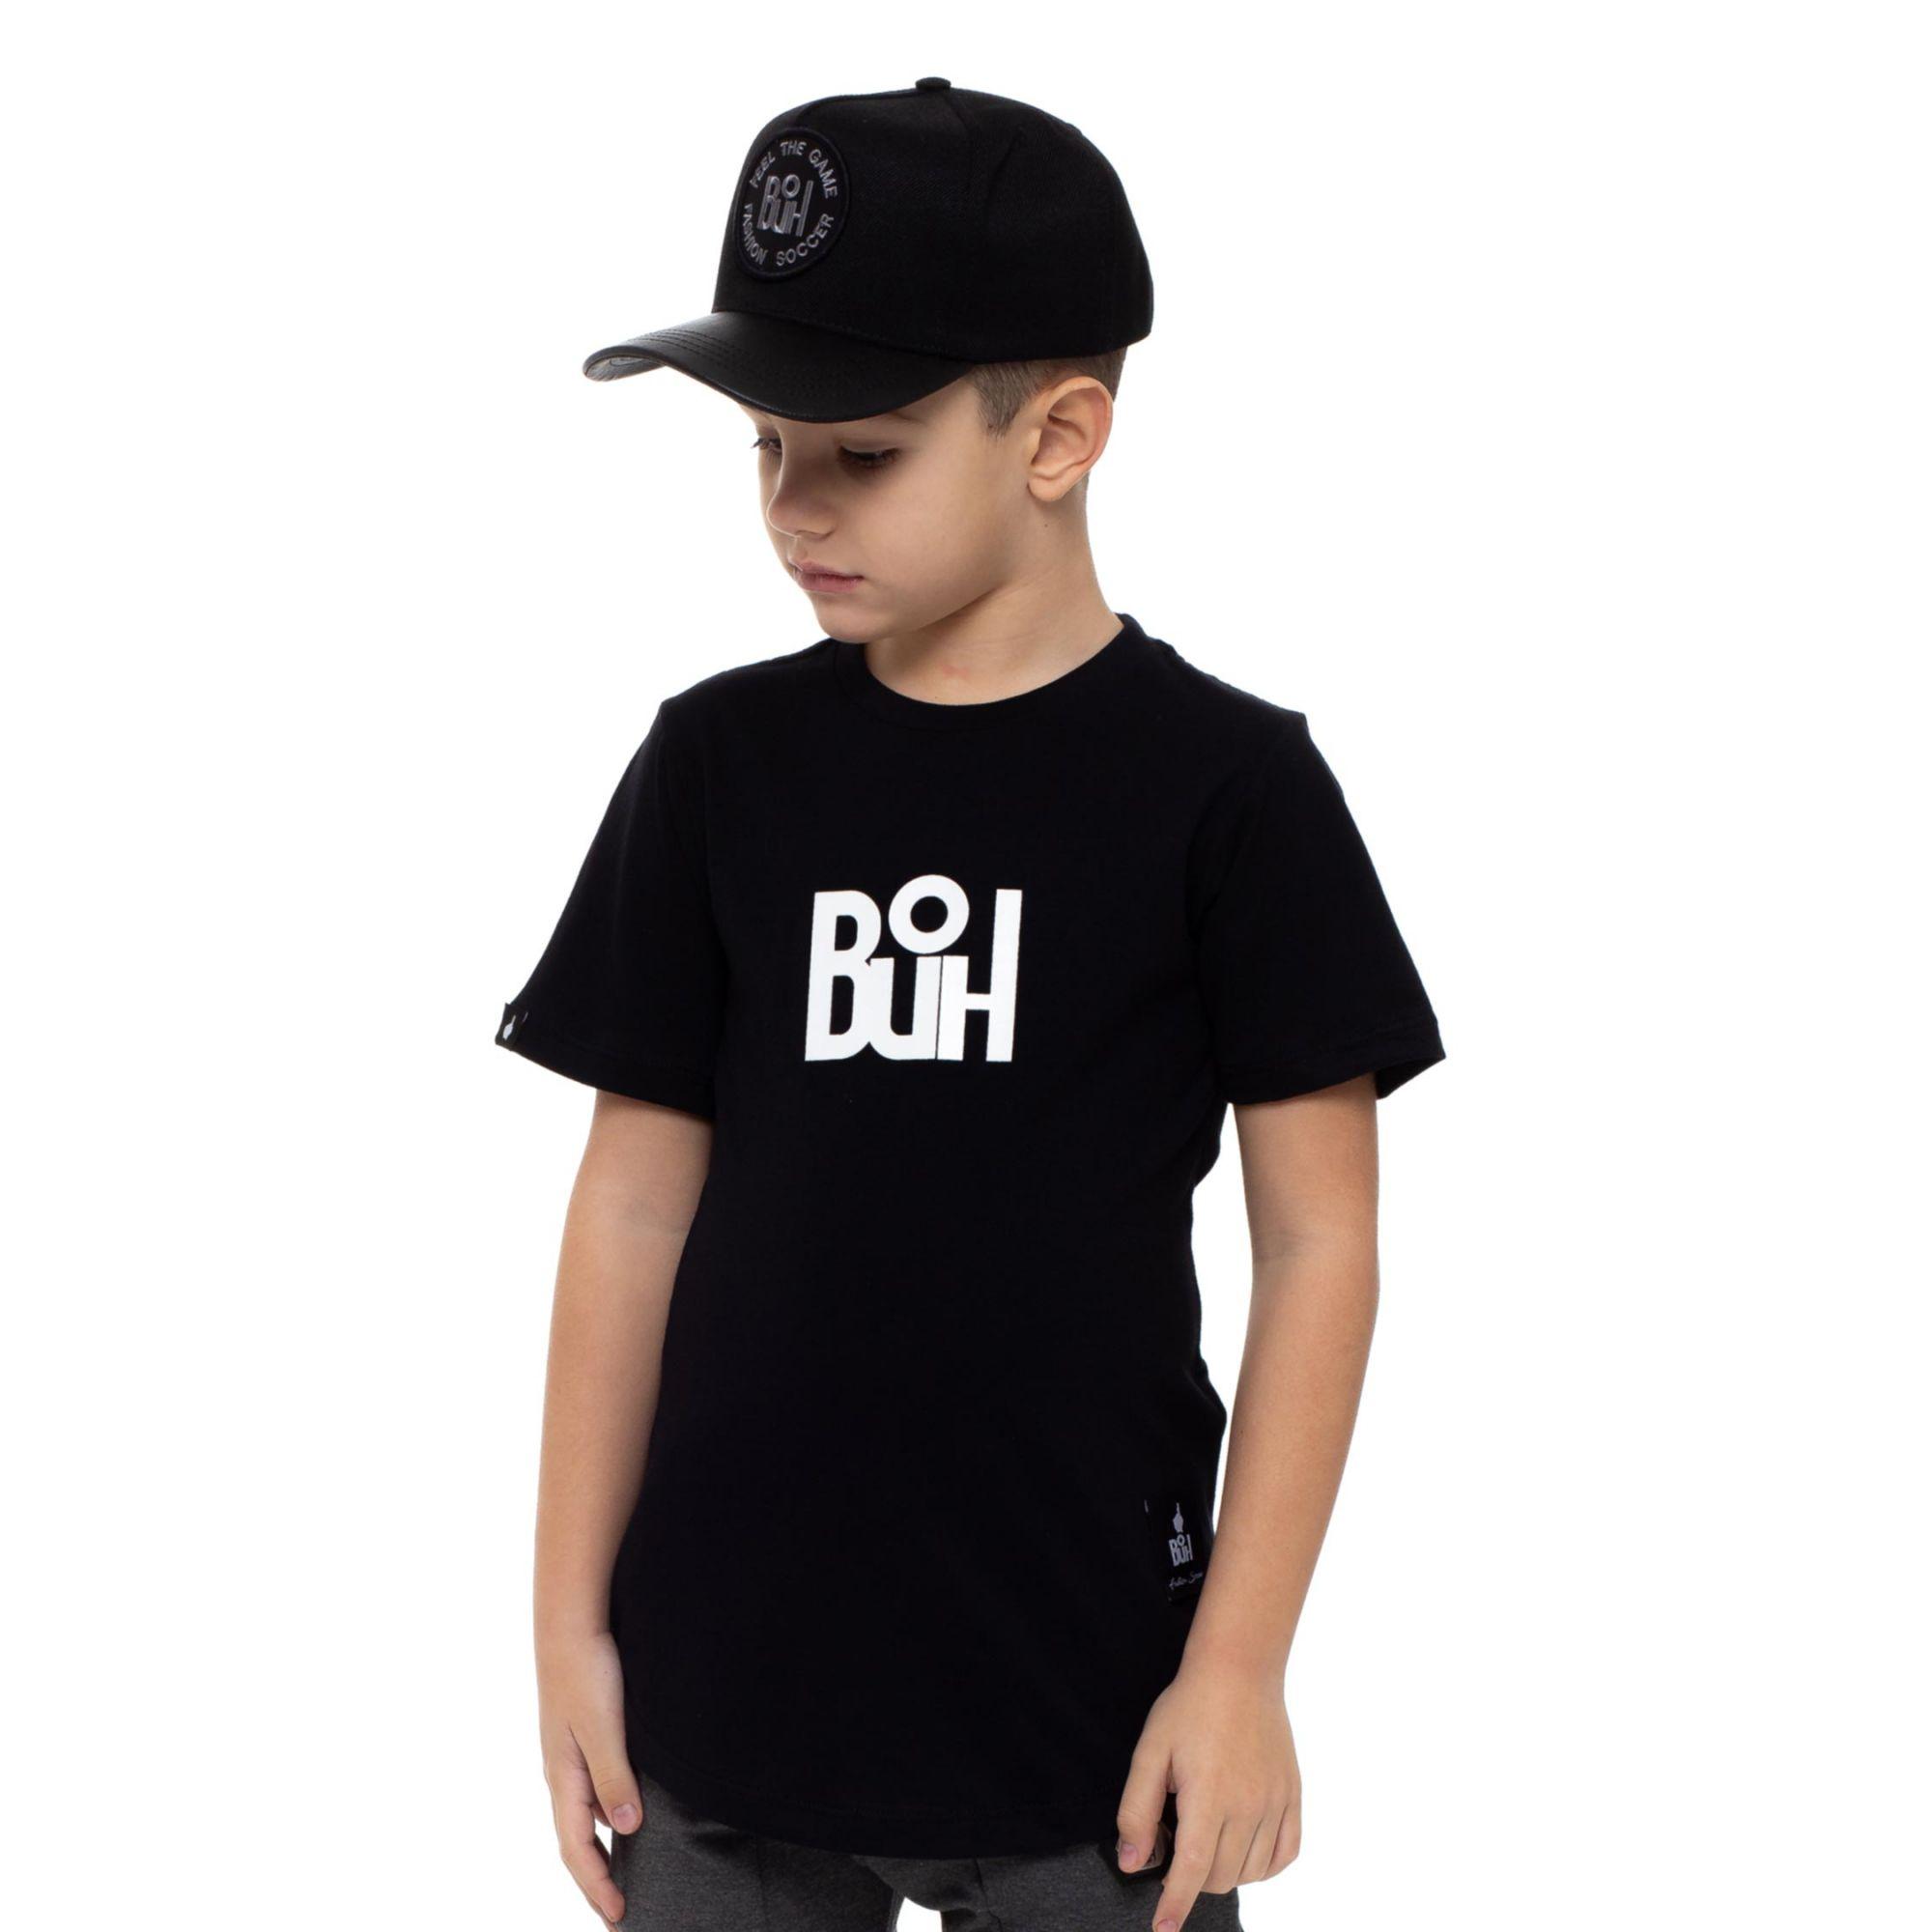 Camiseta Buh Kids Craque Black